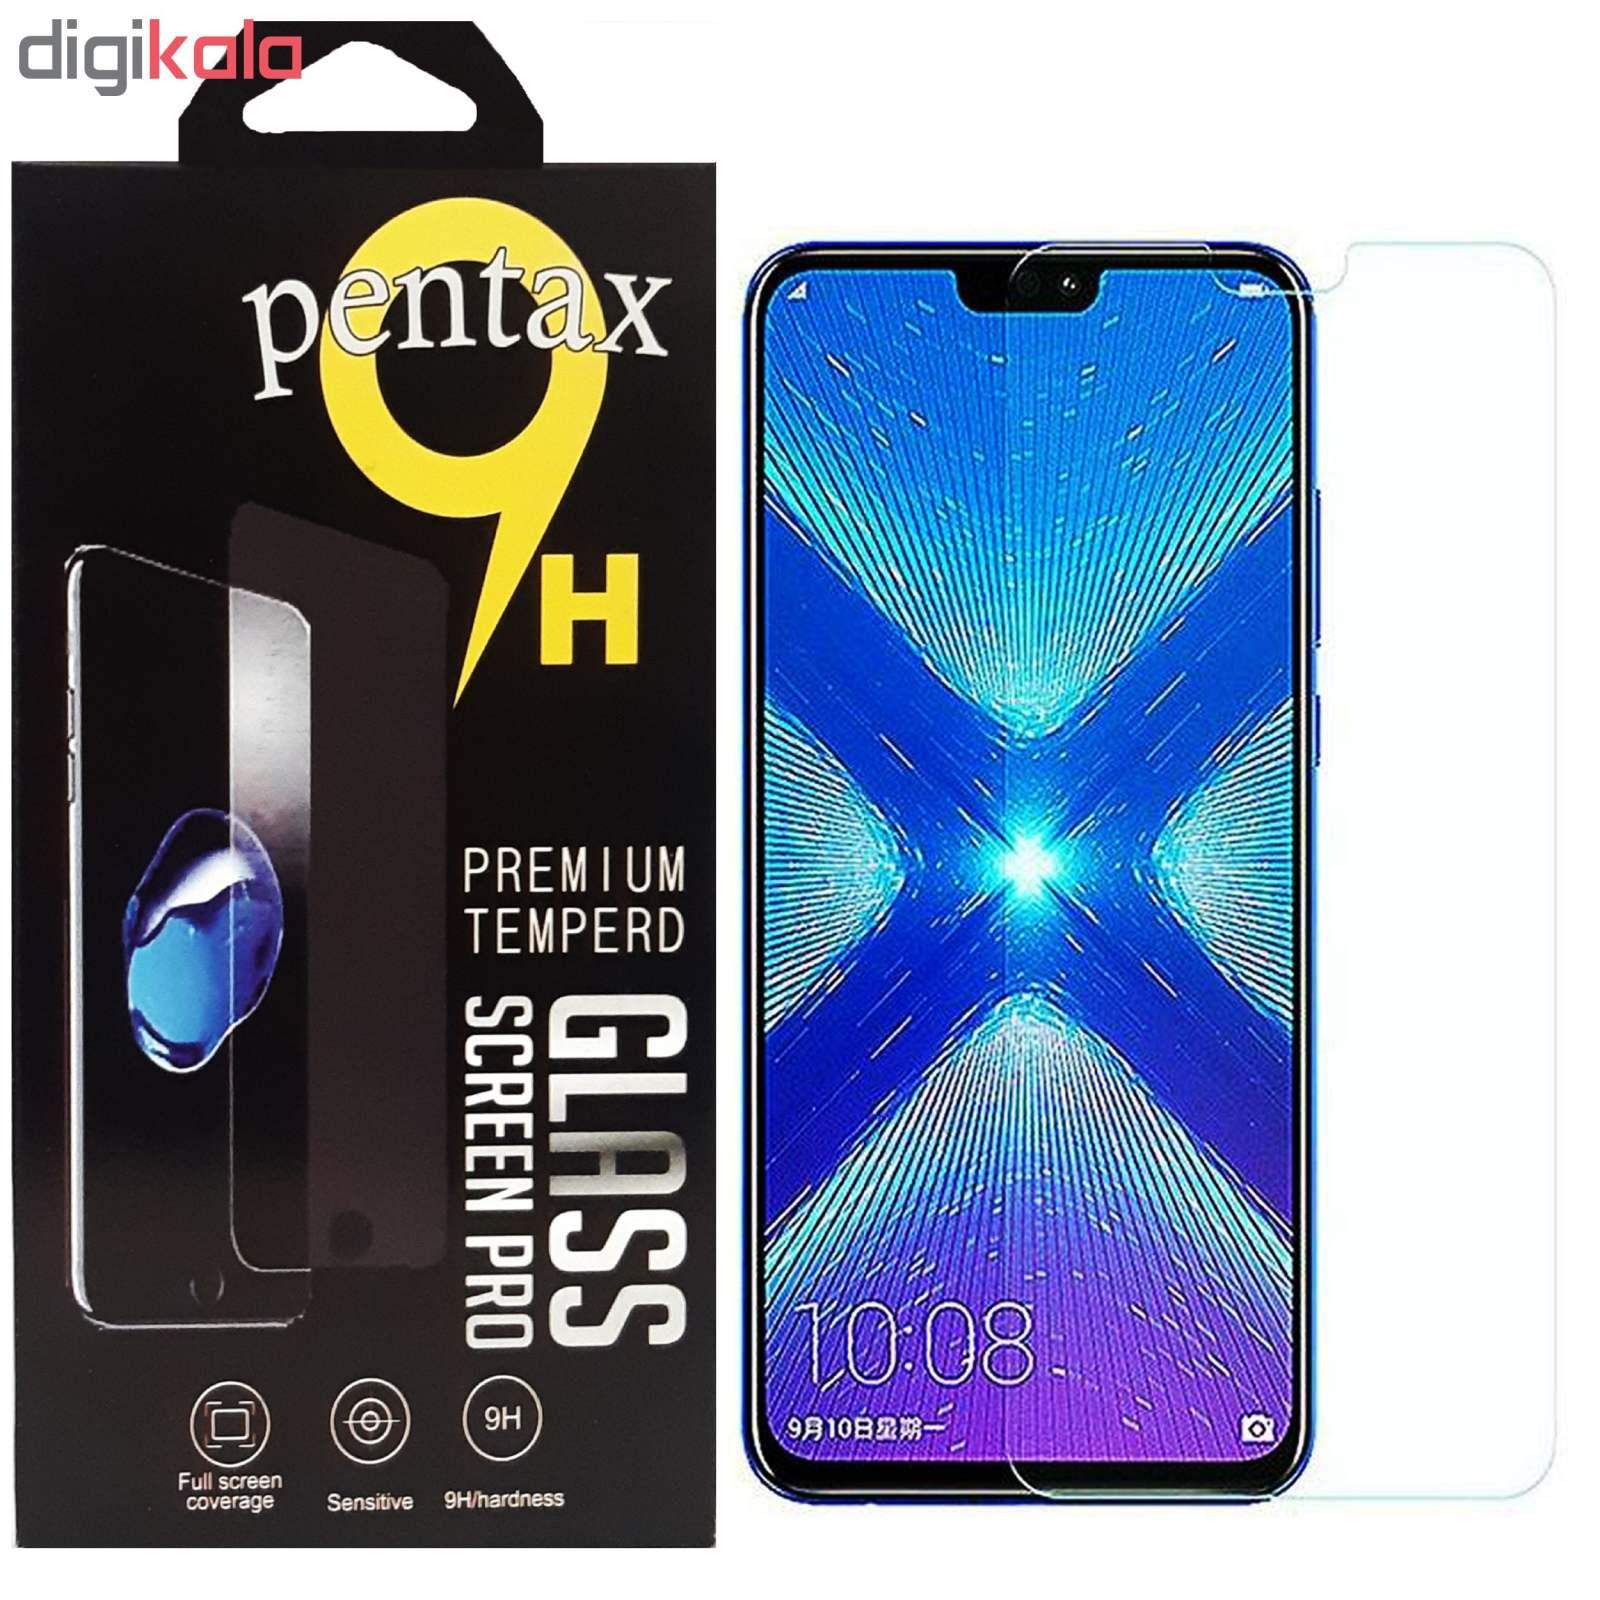 محافظ صفحه نمايش پنتاکس مدل STARK مناسب براي گوشي موبایل هوآوی HONOR 8X main 1 1